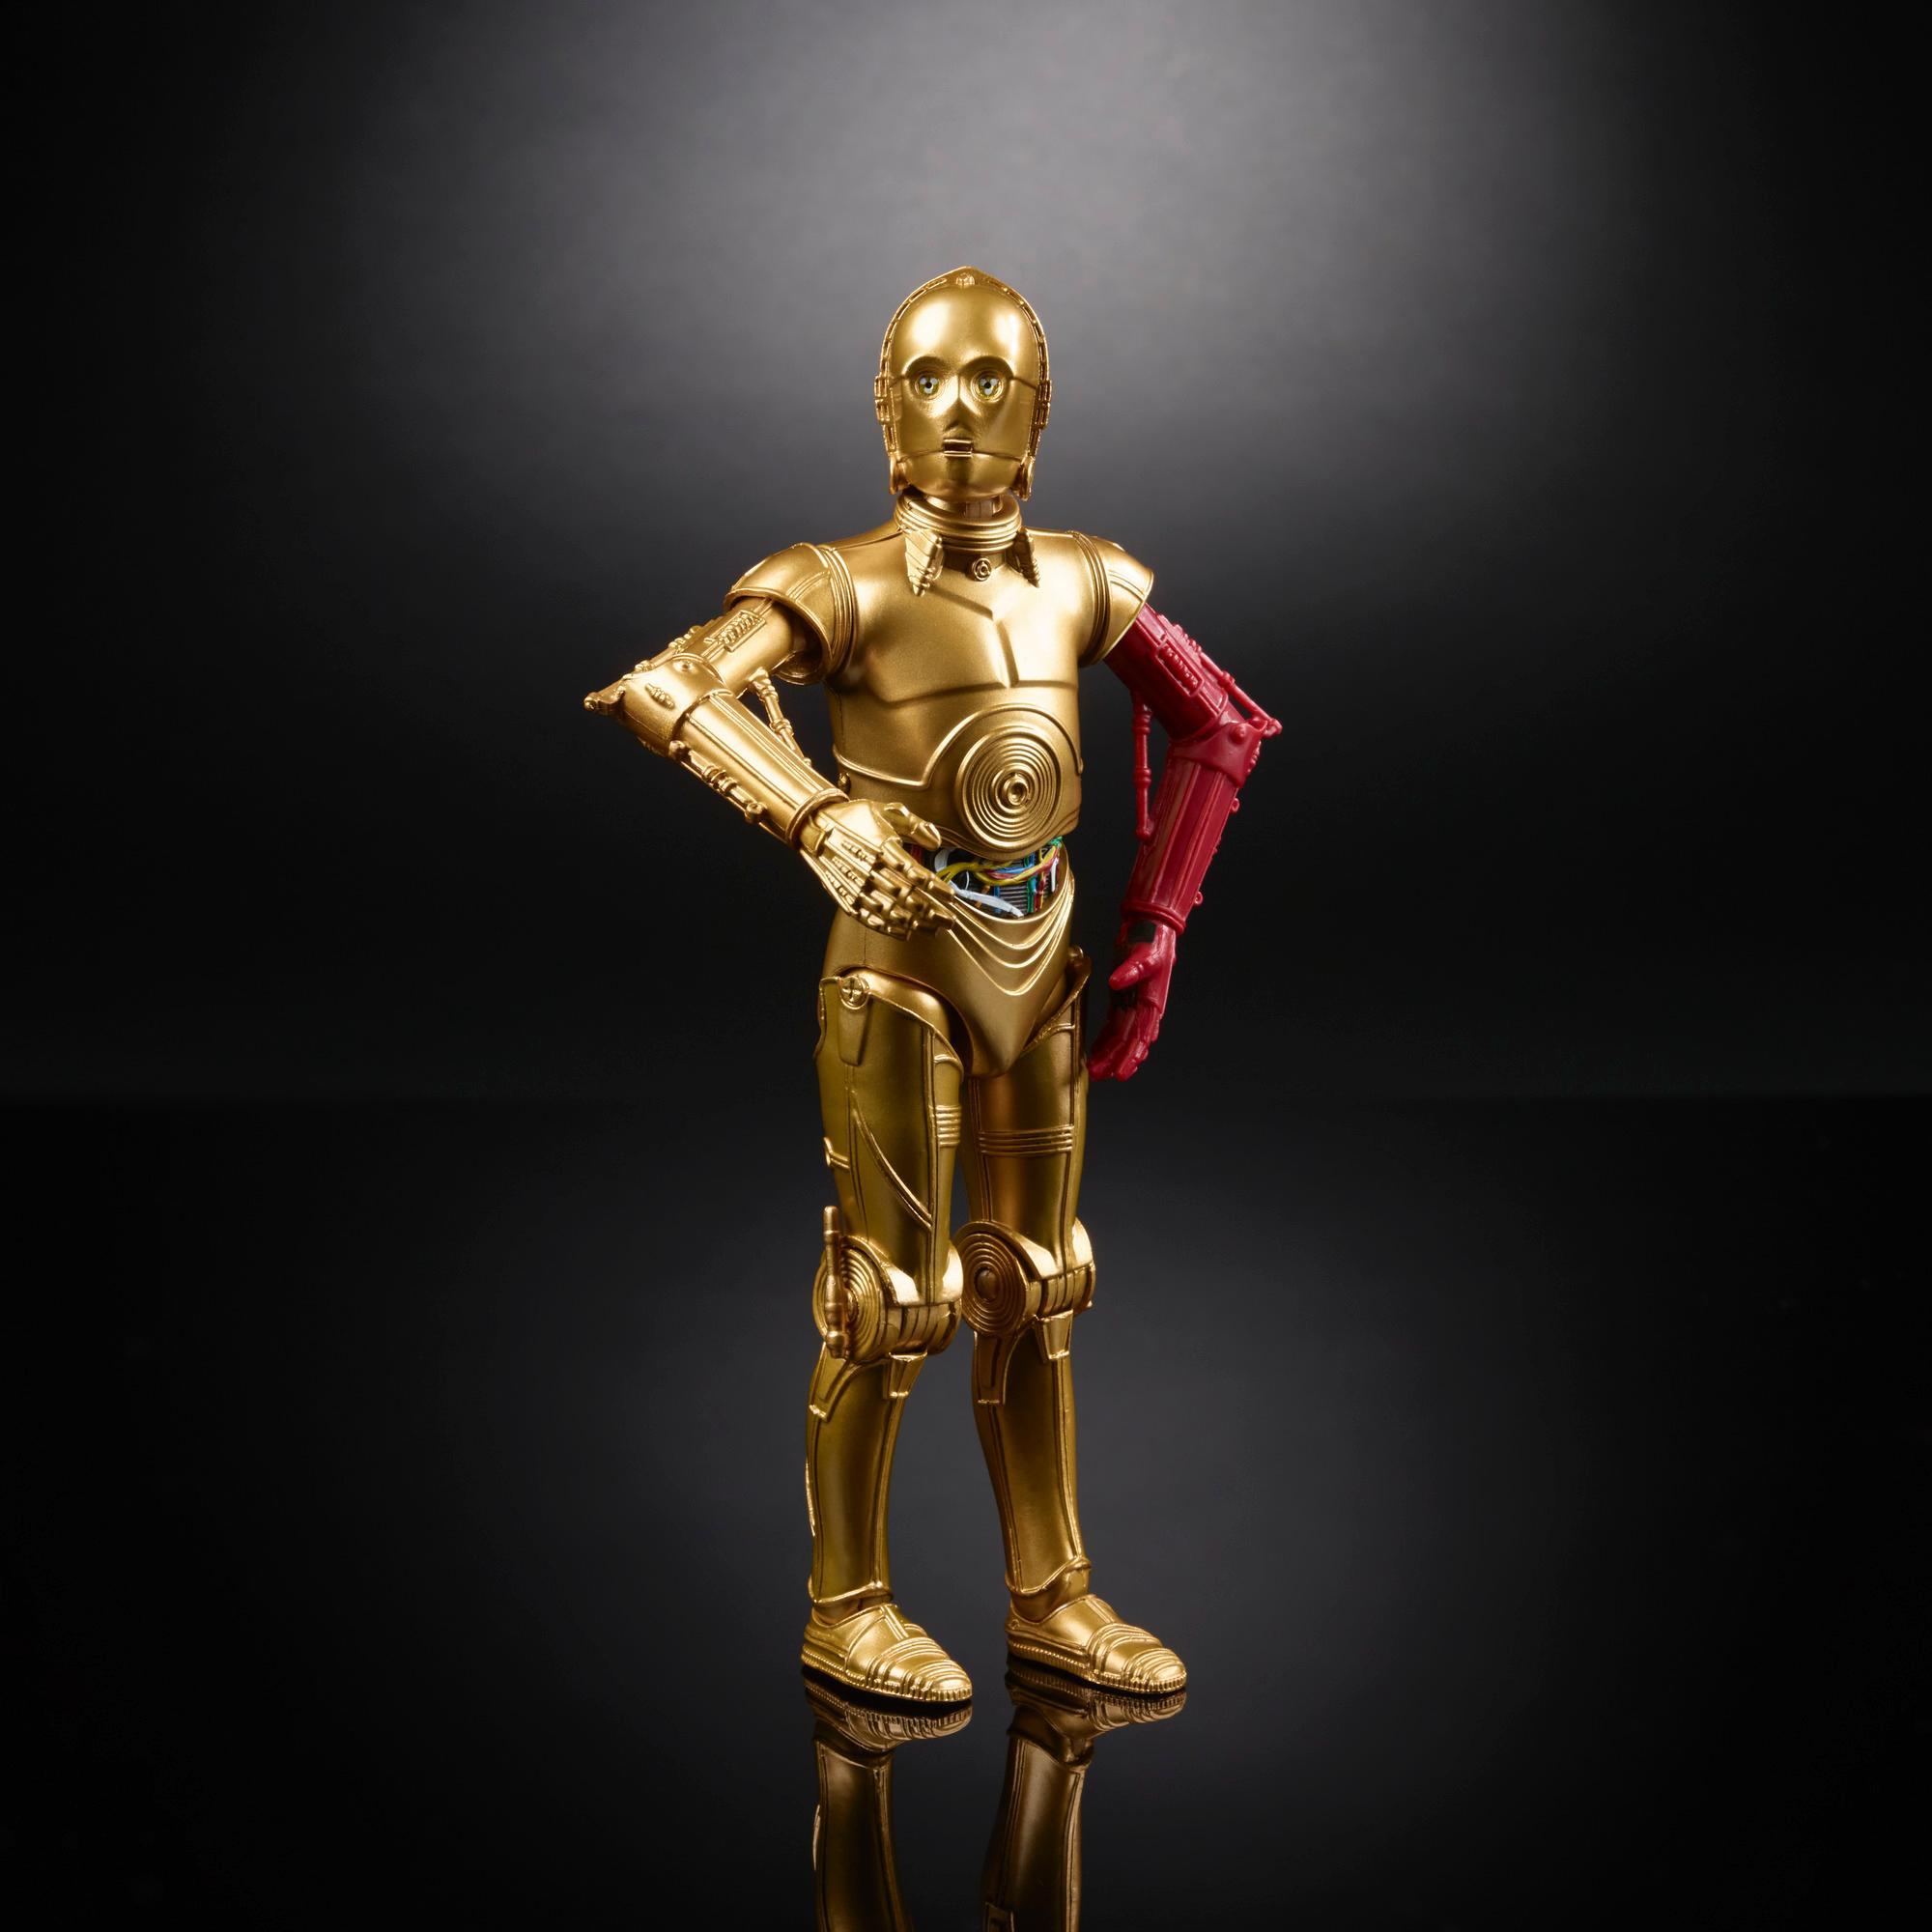 Star Wars La série noire - C-3PO